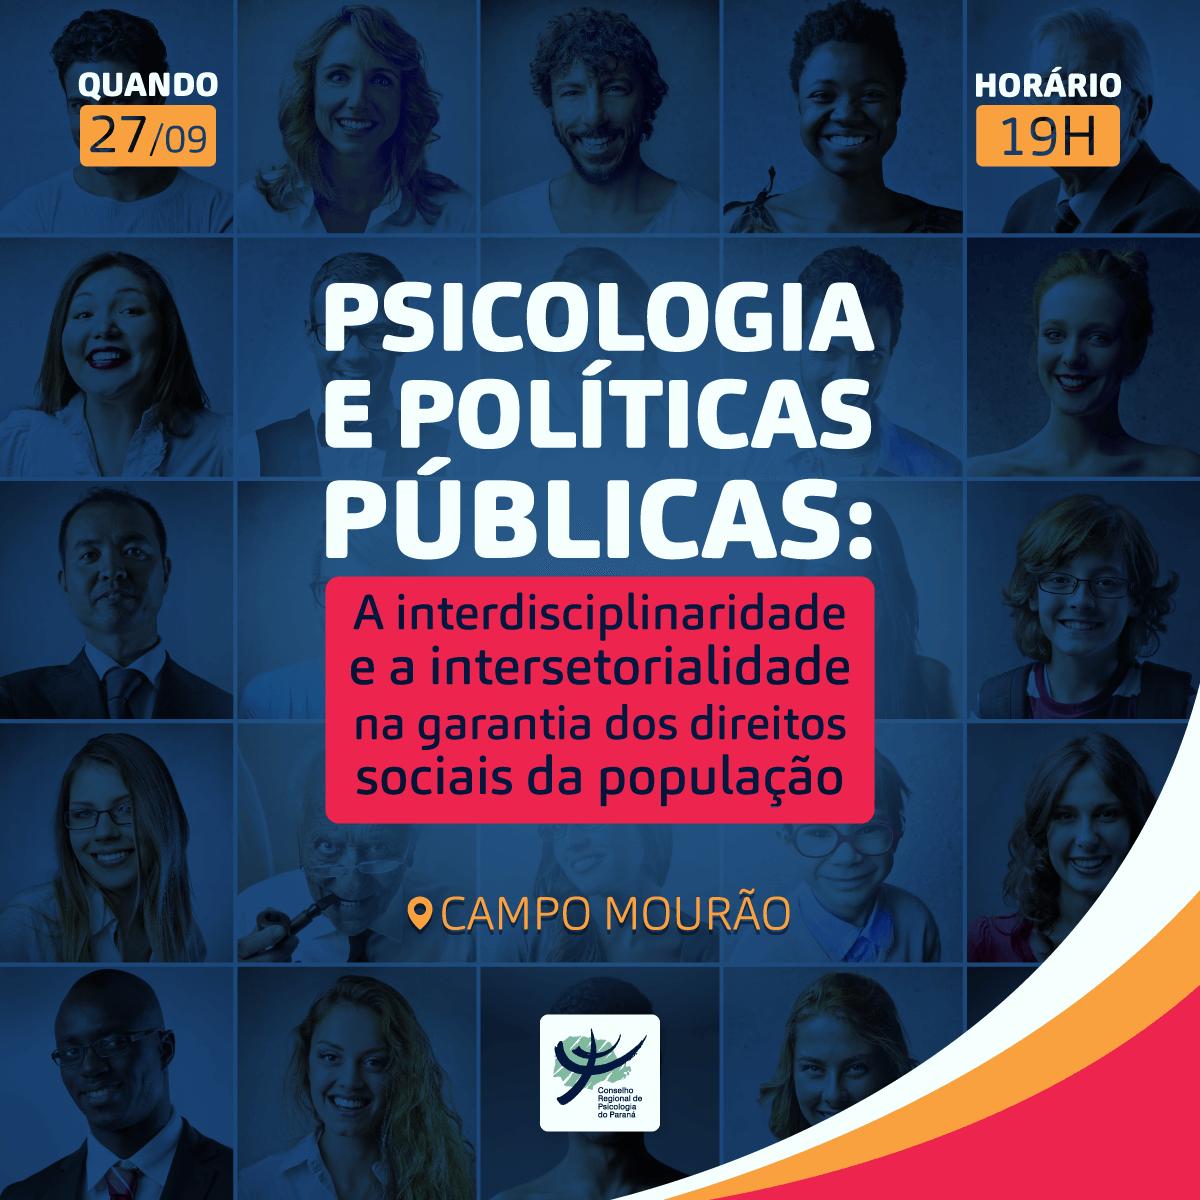 Psicologia e Políticas Públicas: a interdisciplinaridade e a intersetorialidade na garantia dos direitos sociais da população